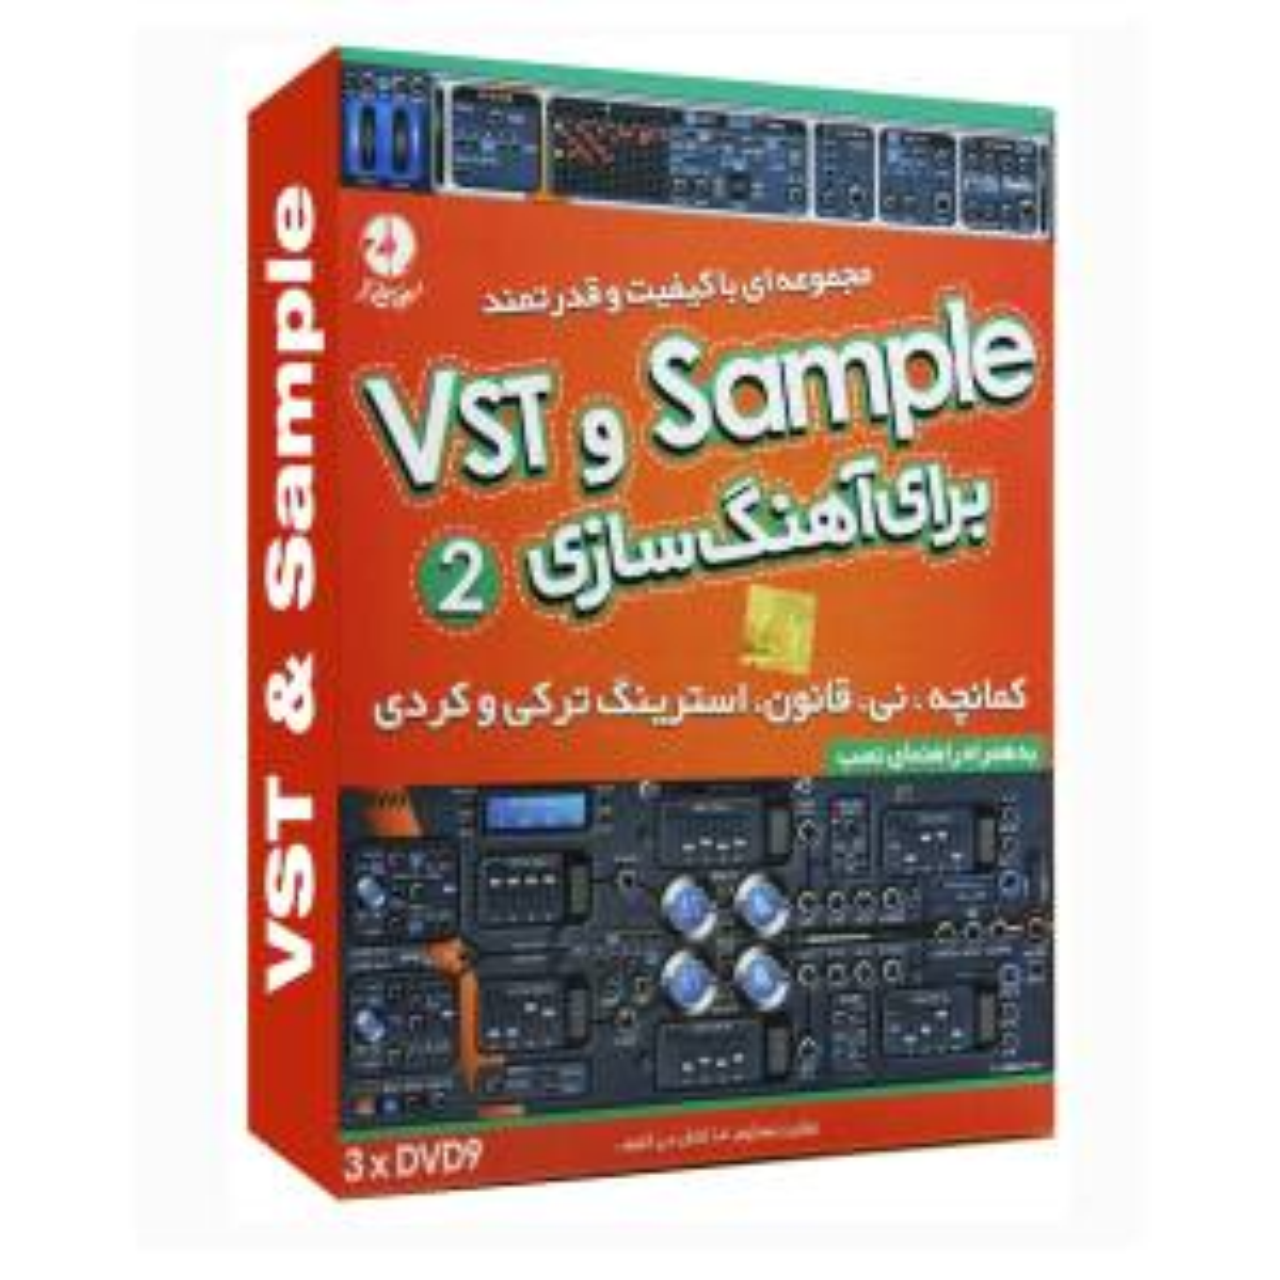 مجموعه نرم افزار VST و Sample برای موسیقی نسخه 2 نشر نوآوران